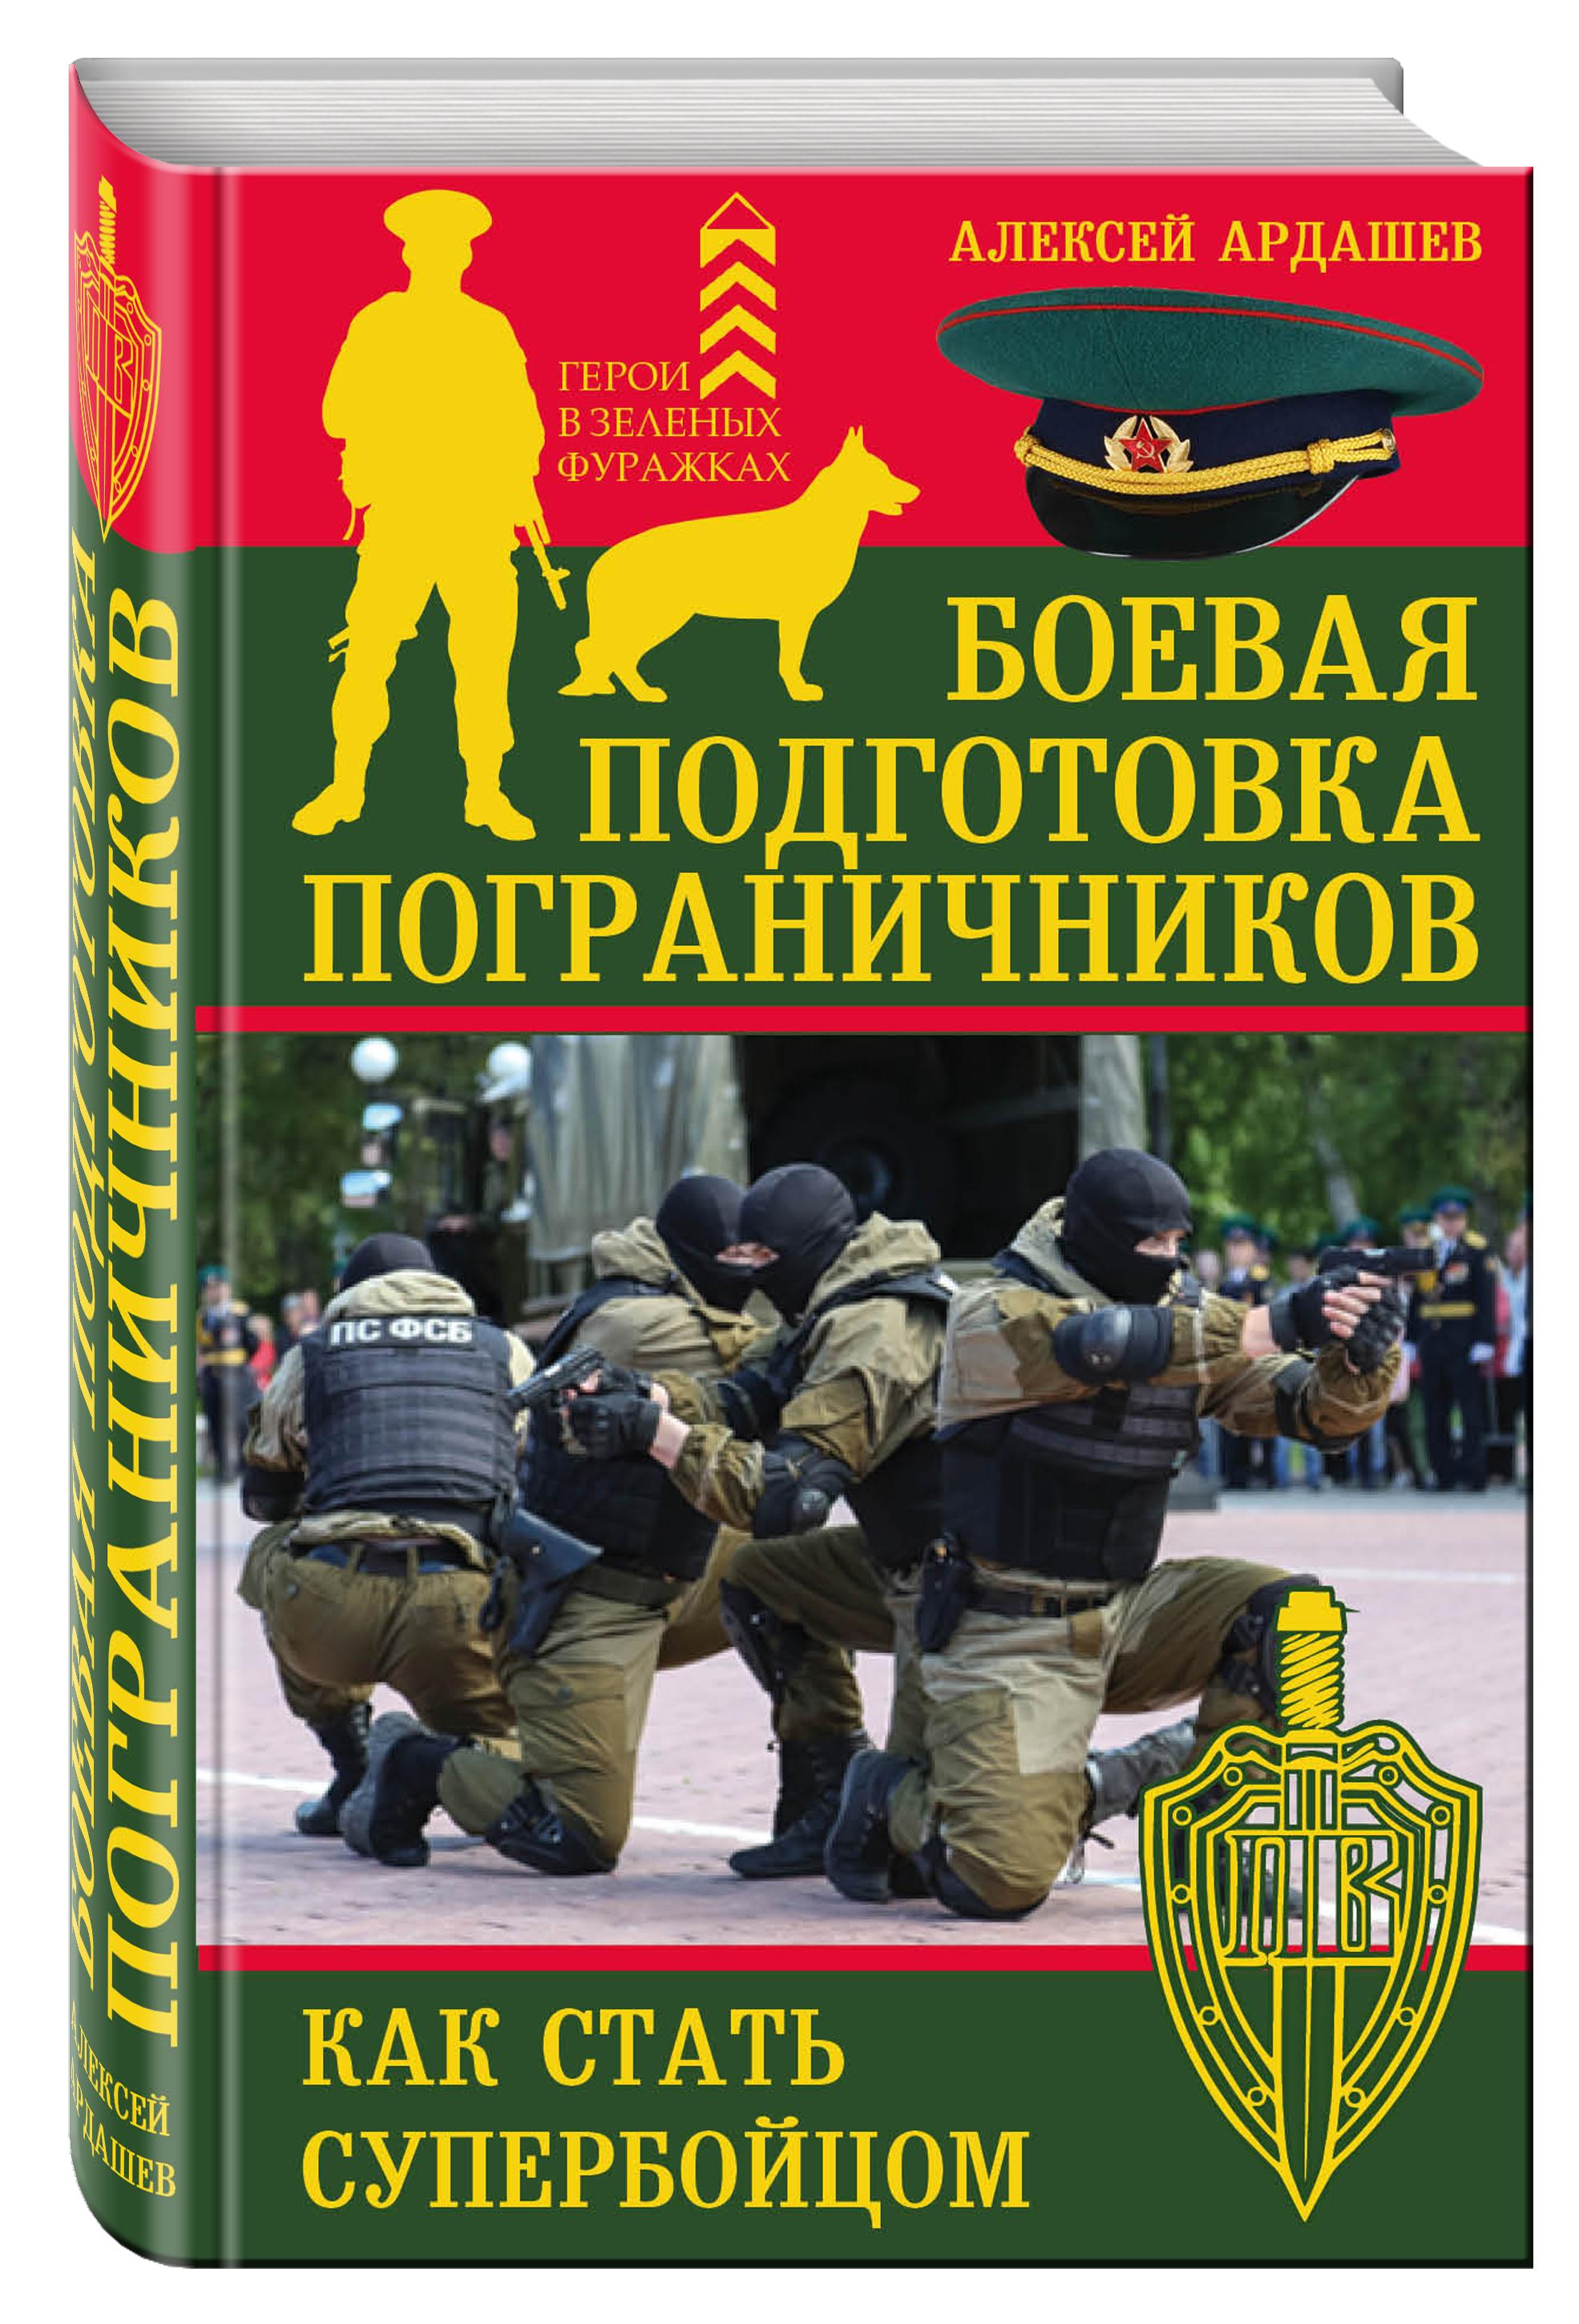 Боевая подготовка пограничников. Как стать супербойцом ( Ардашев А.Н.  )